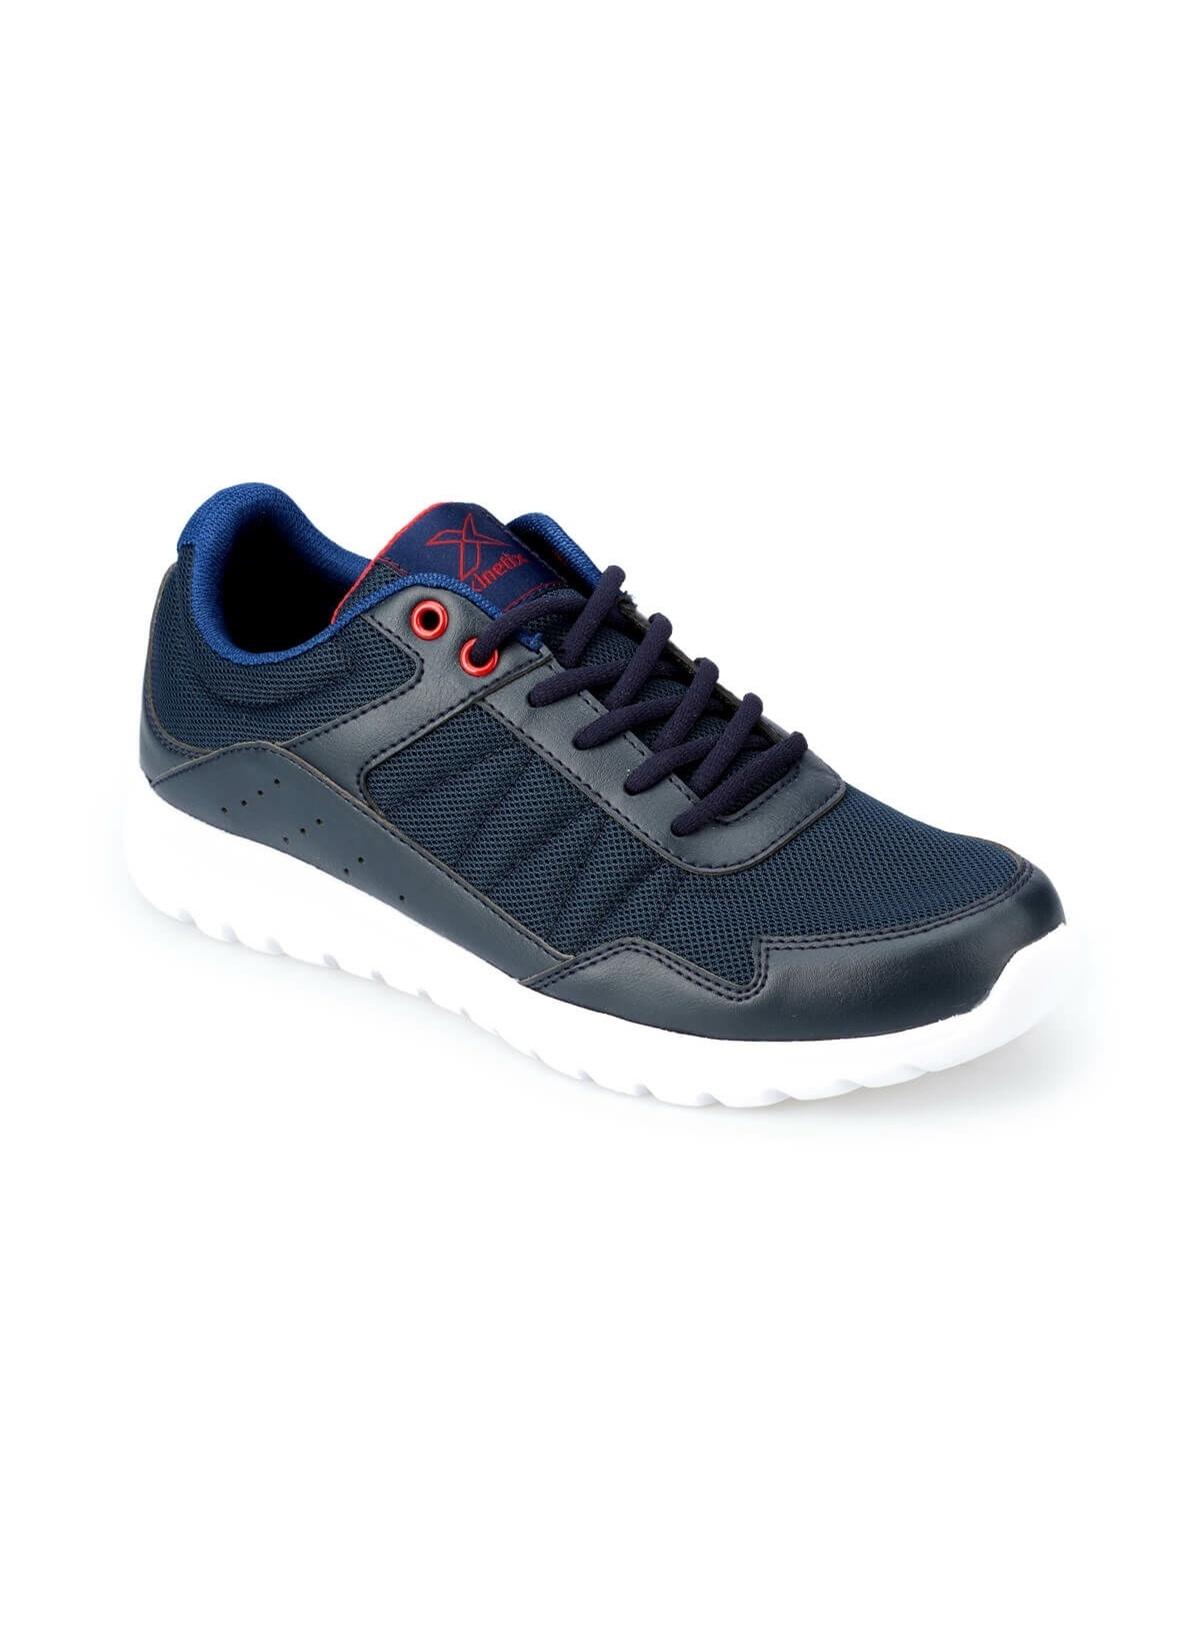 Kinetix Fitness Ayakkabısı Zen Fitness Ayakkabısı – 99.99 TL